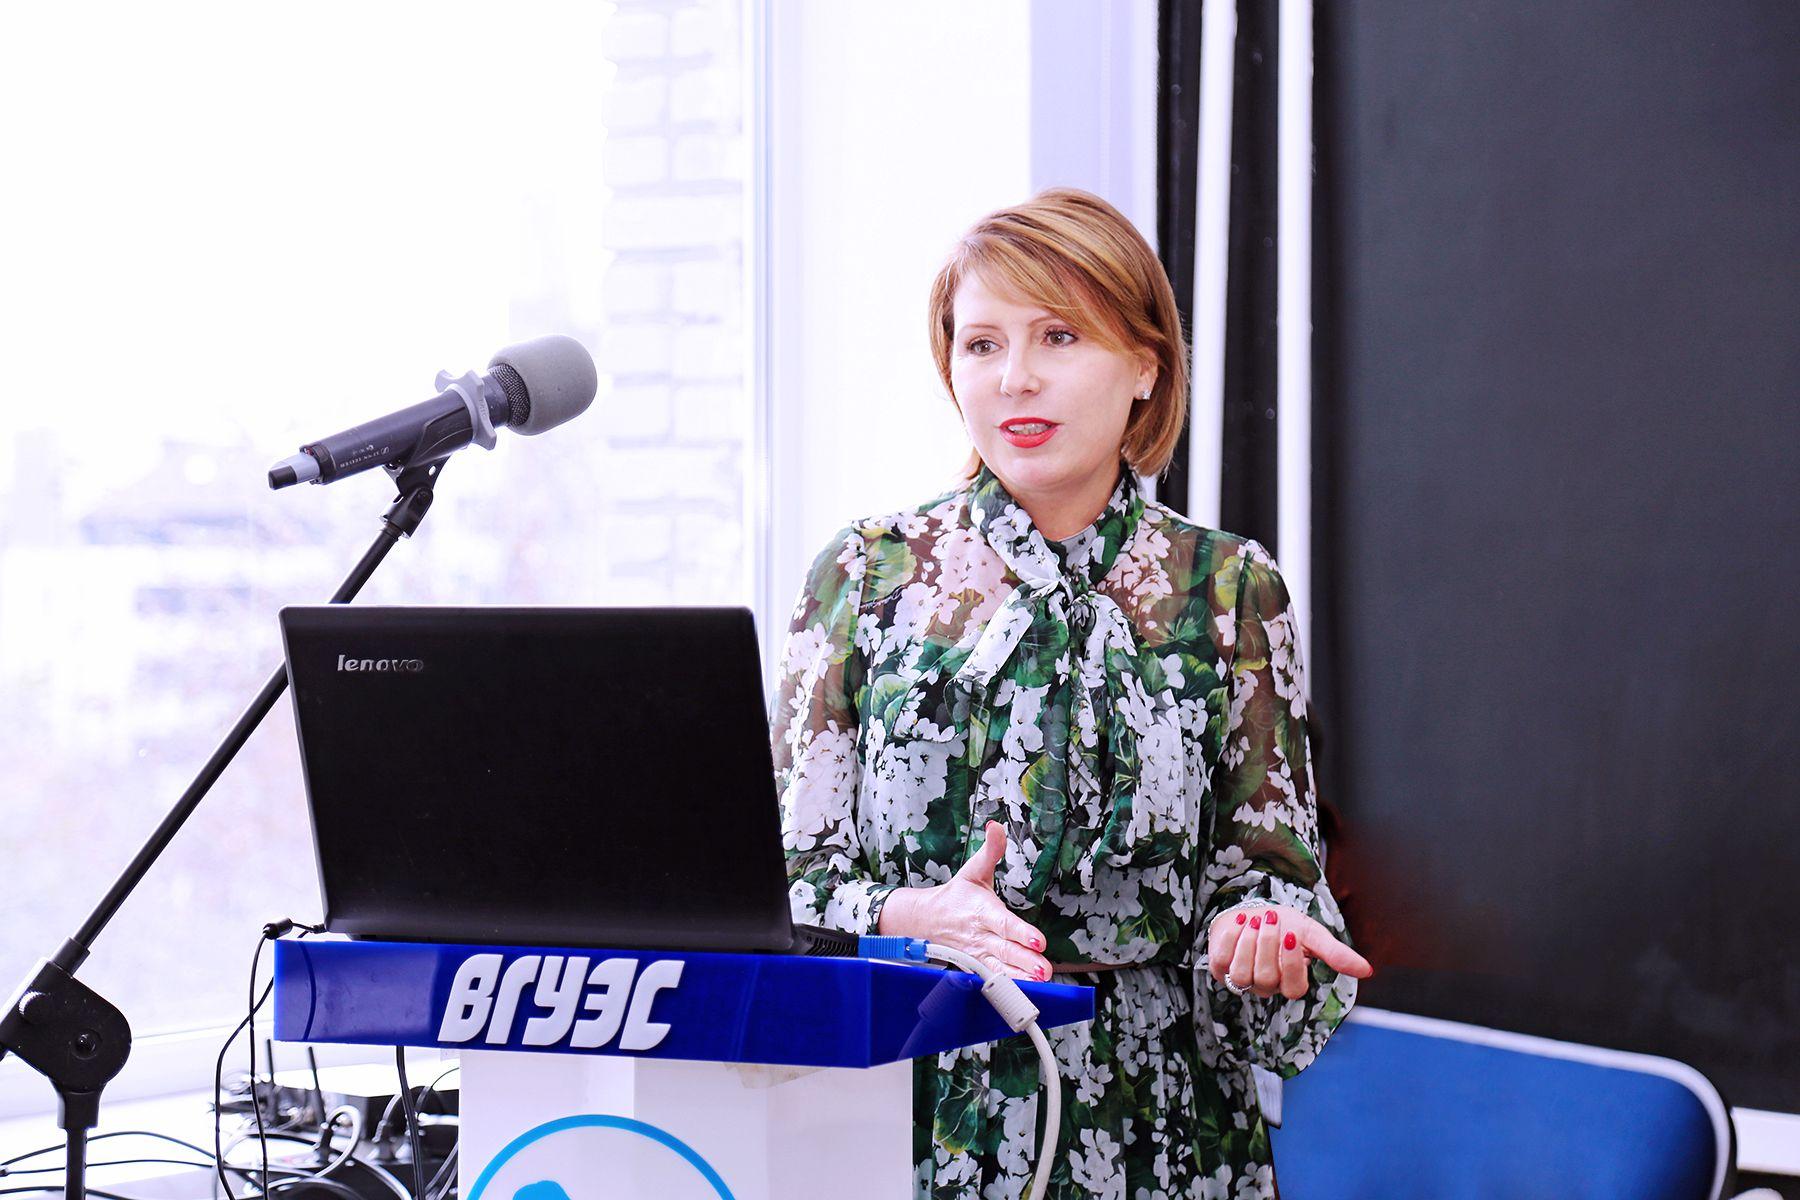 Будущее экономики Дальнего Востока: во ВГУЭС прошла научно-практическая конференция в честь 75-летия профессора Александра Латкина